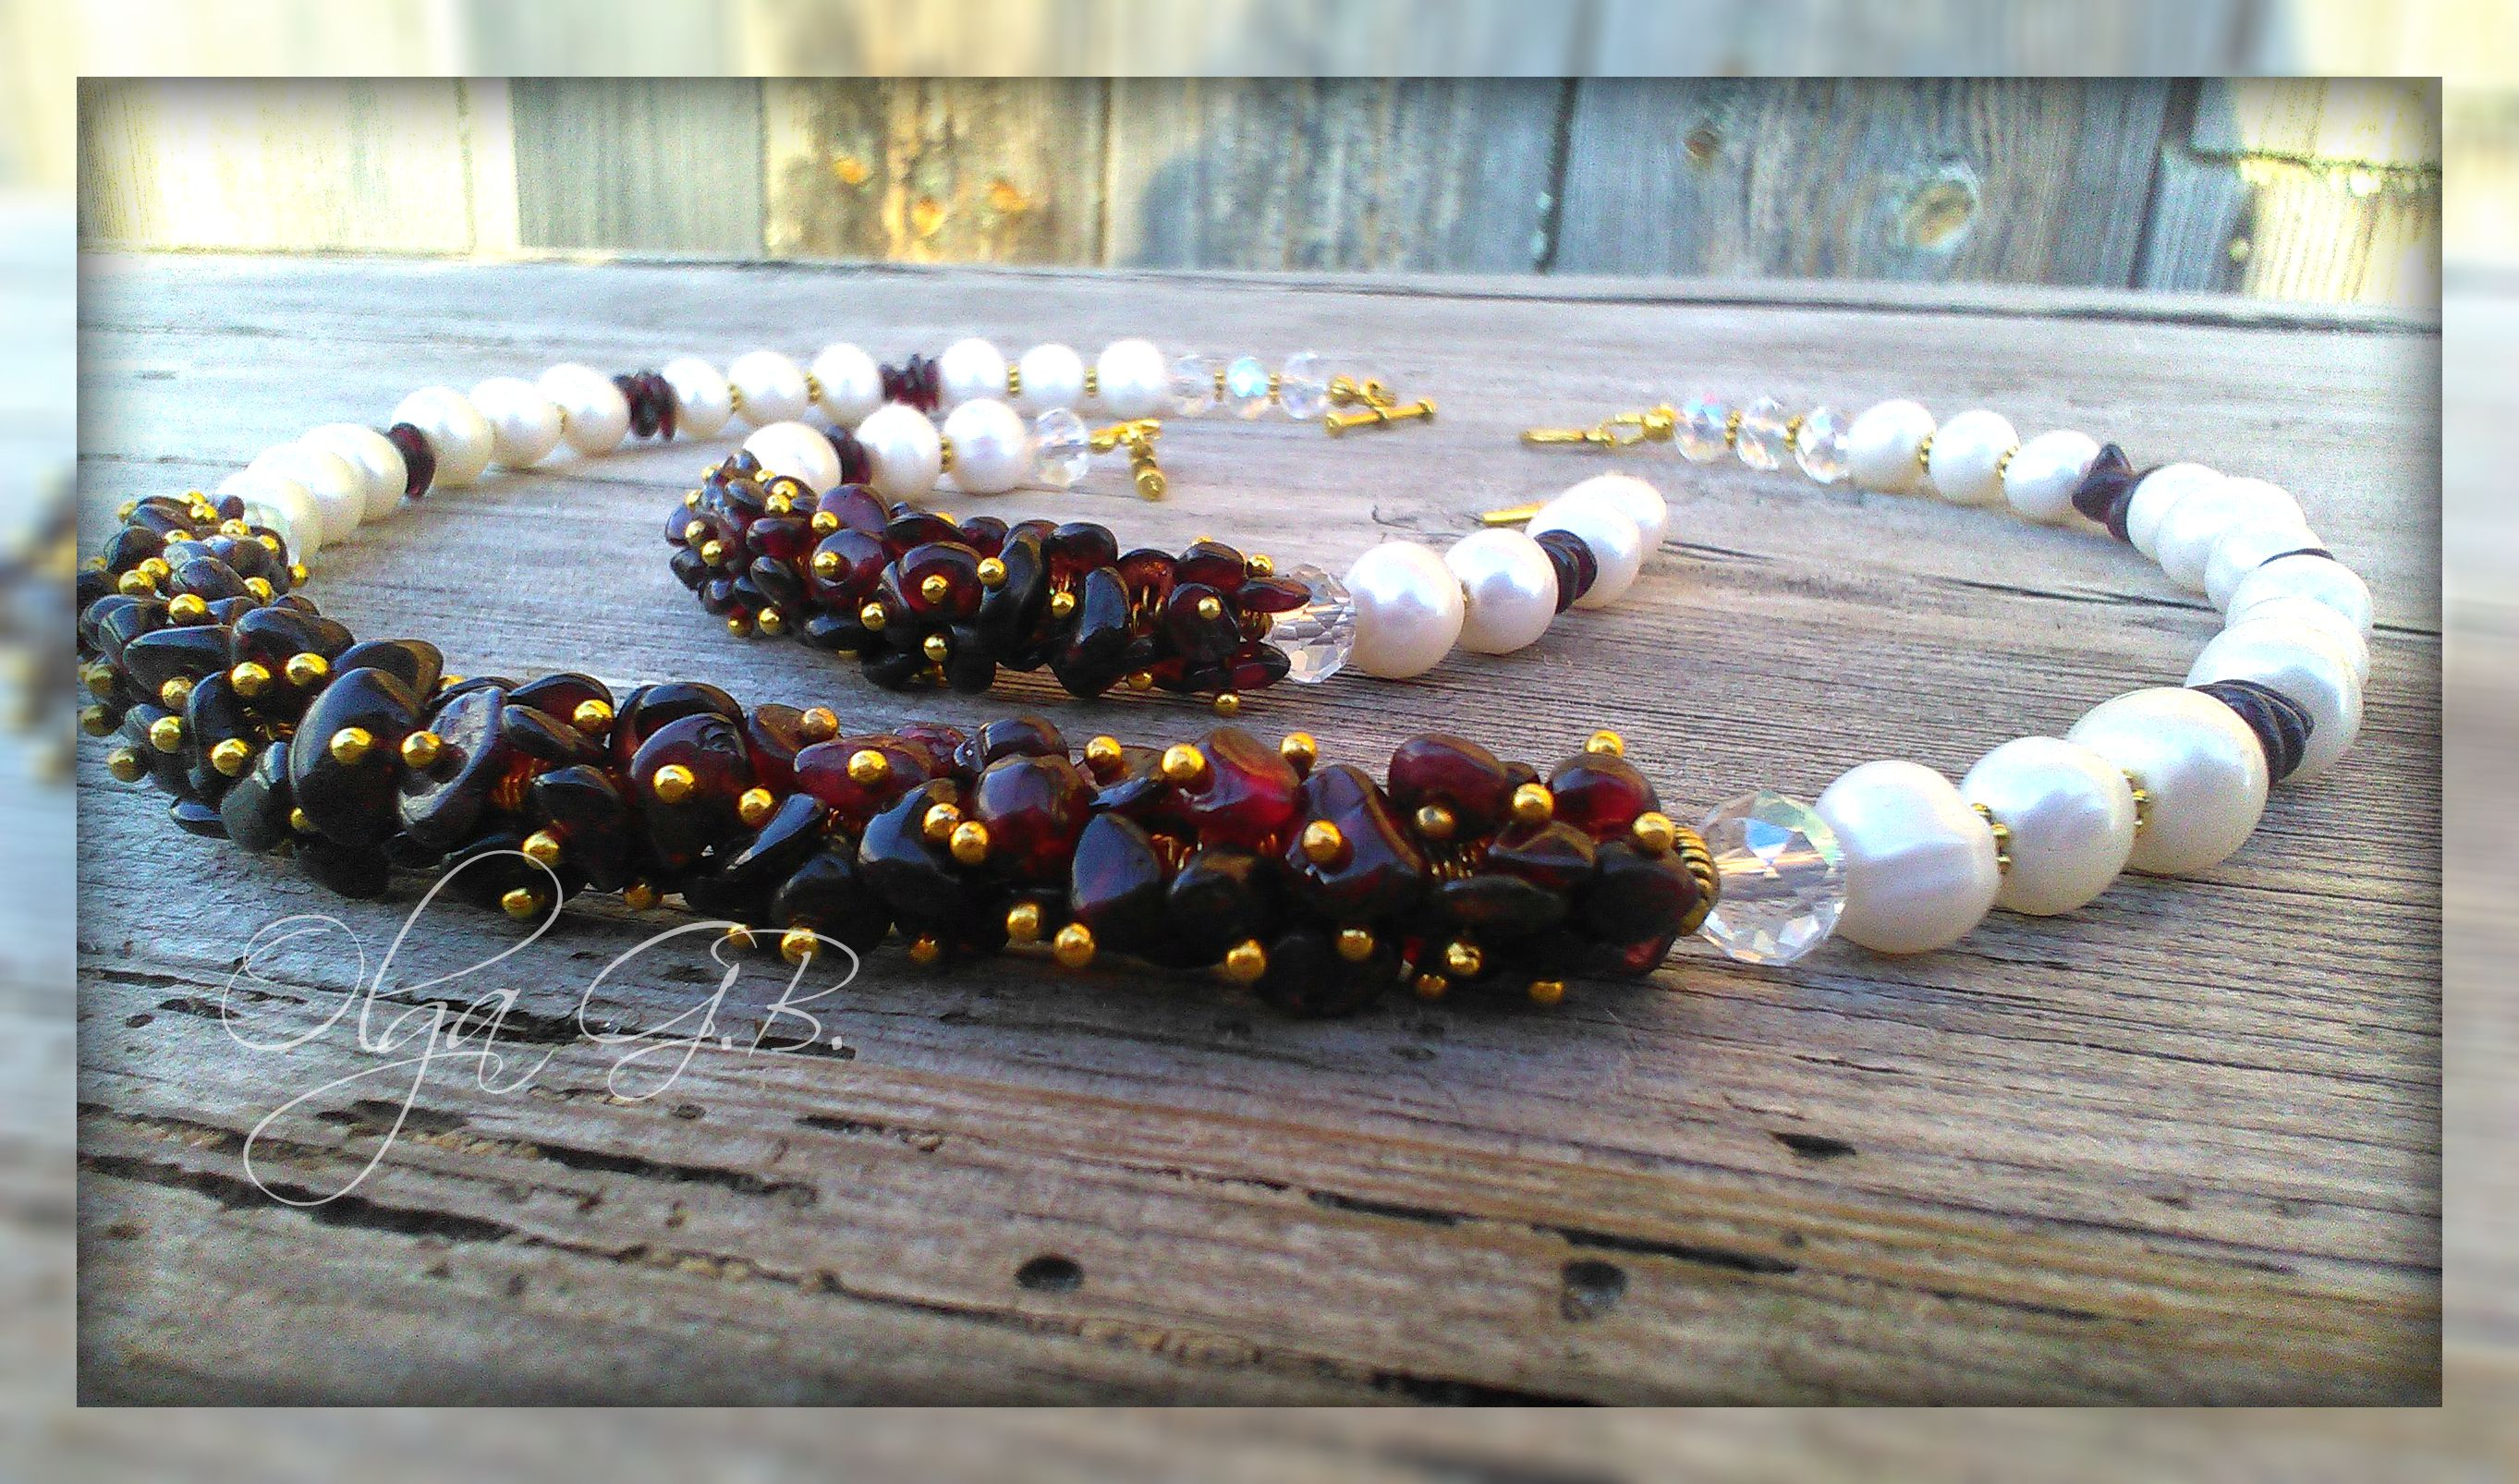 гранат комплект бусы жемчуг подарки аксессуары бижутерия натуральныекамни стиль украшения ручнаяработа браслет